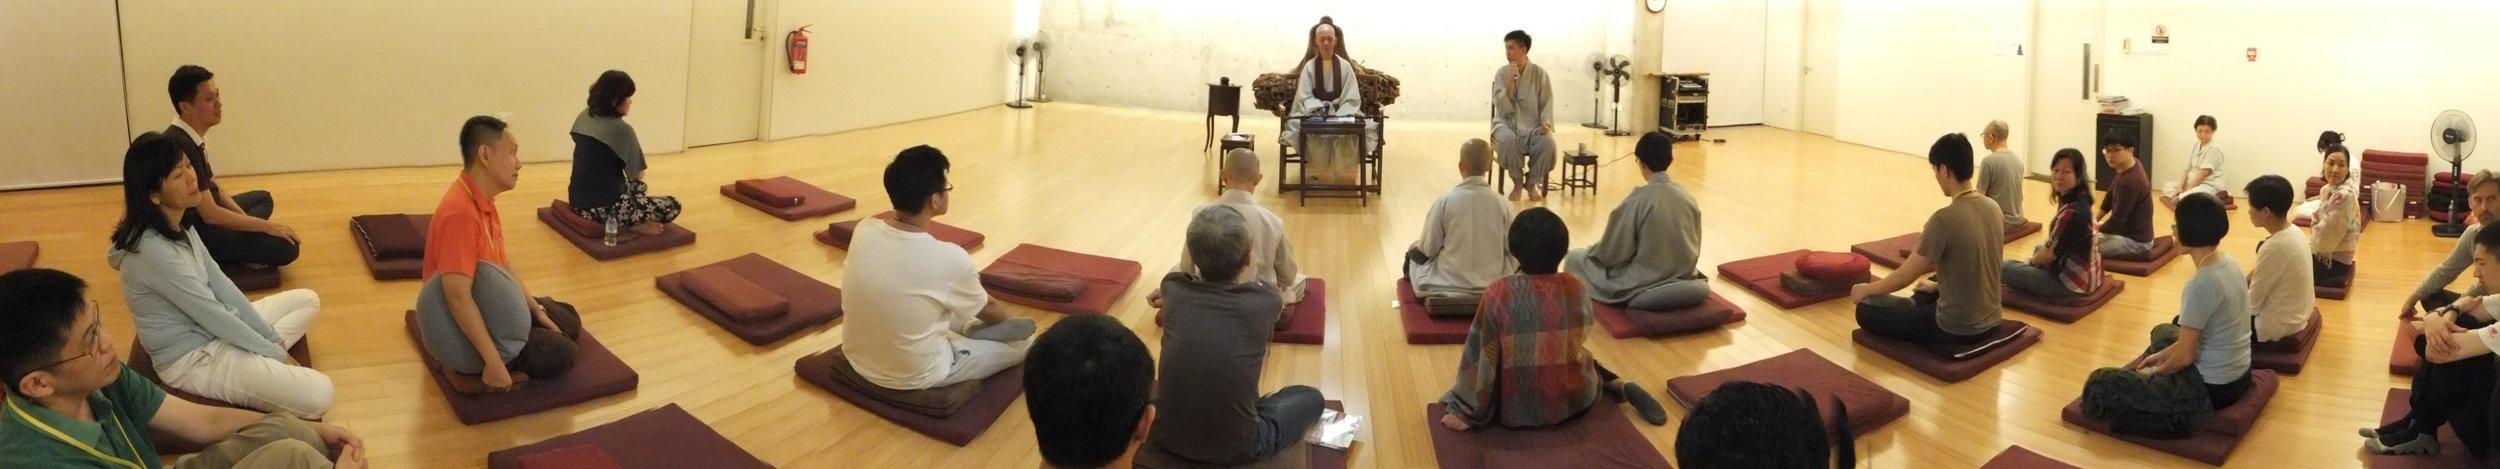 Meditation_v1.jpg